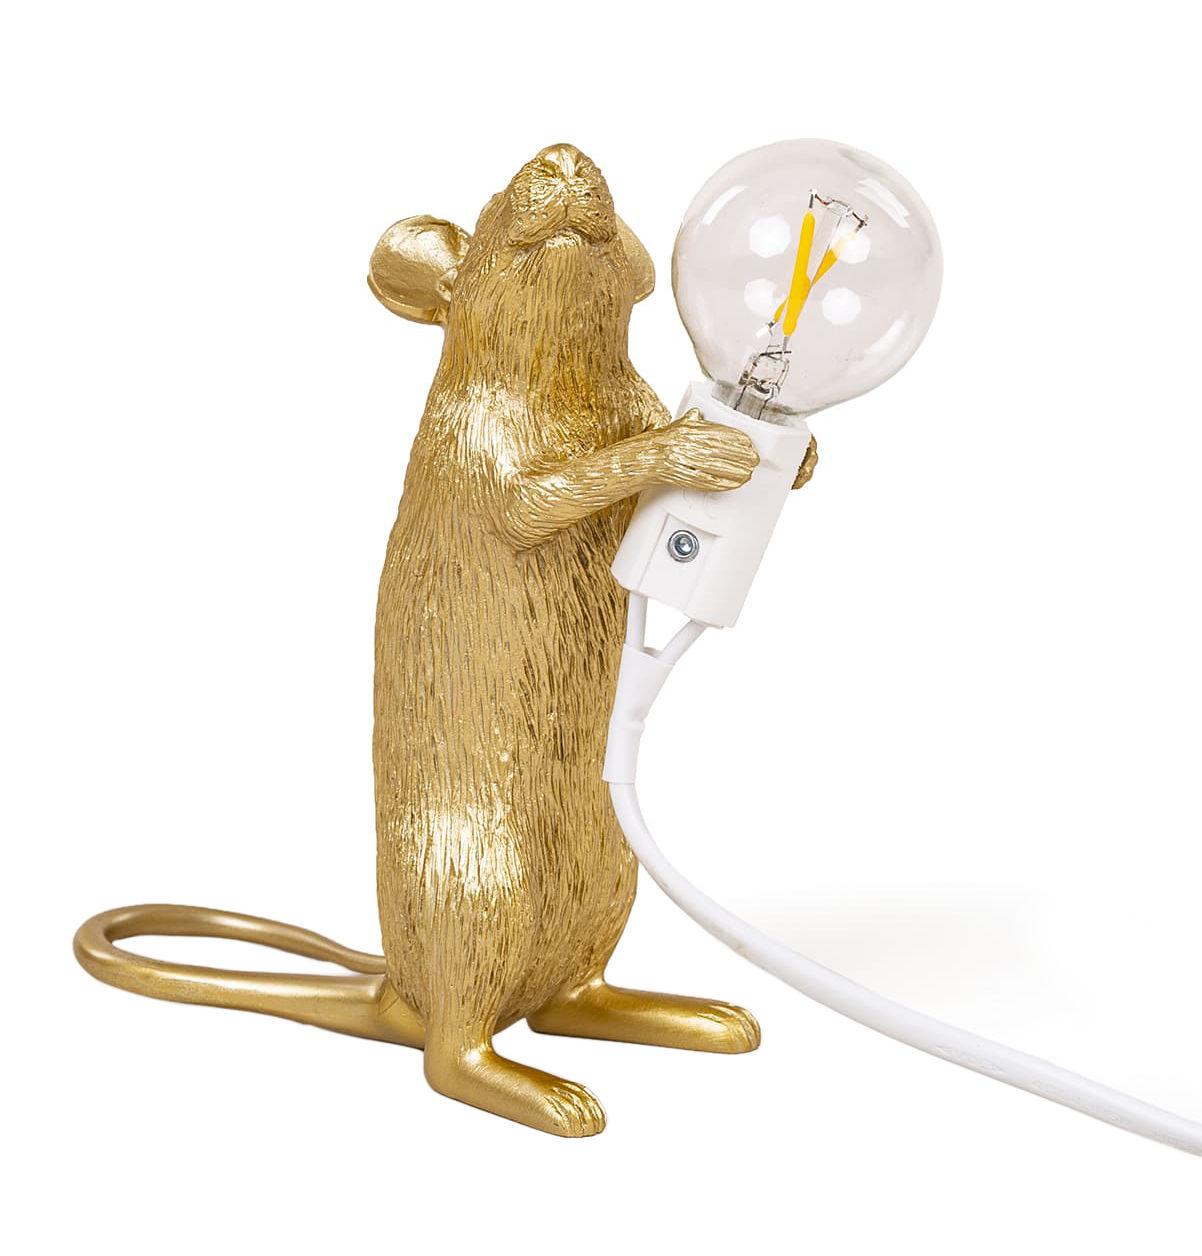 Déco - Pour les enfants - Lampe de table Mouse Standing #1 / Souris debout - Seletti - Doré - Résine